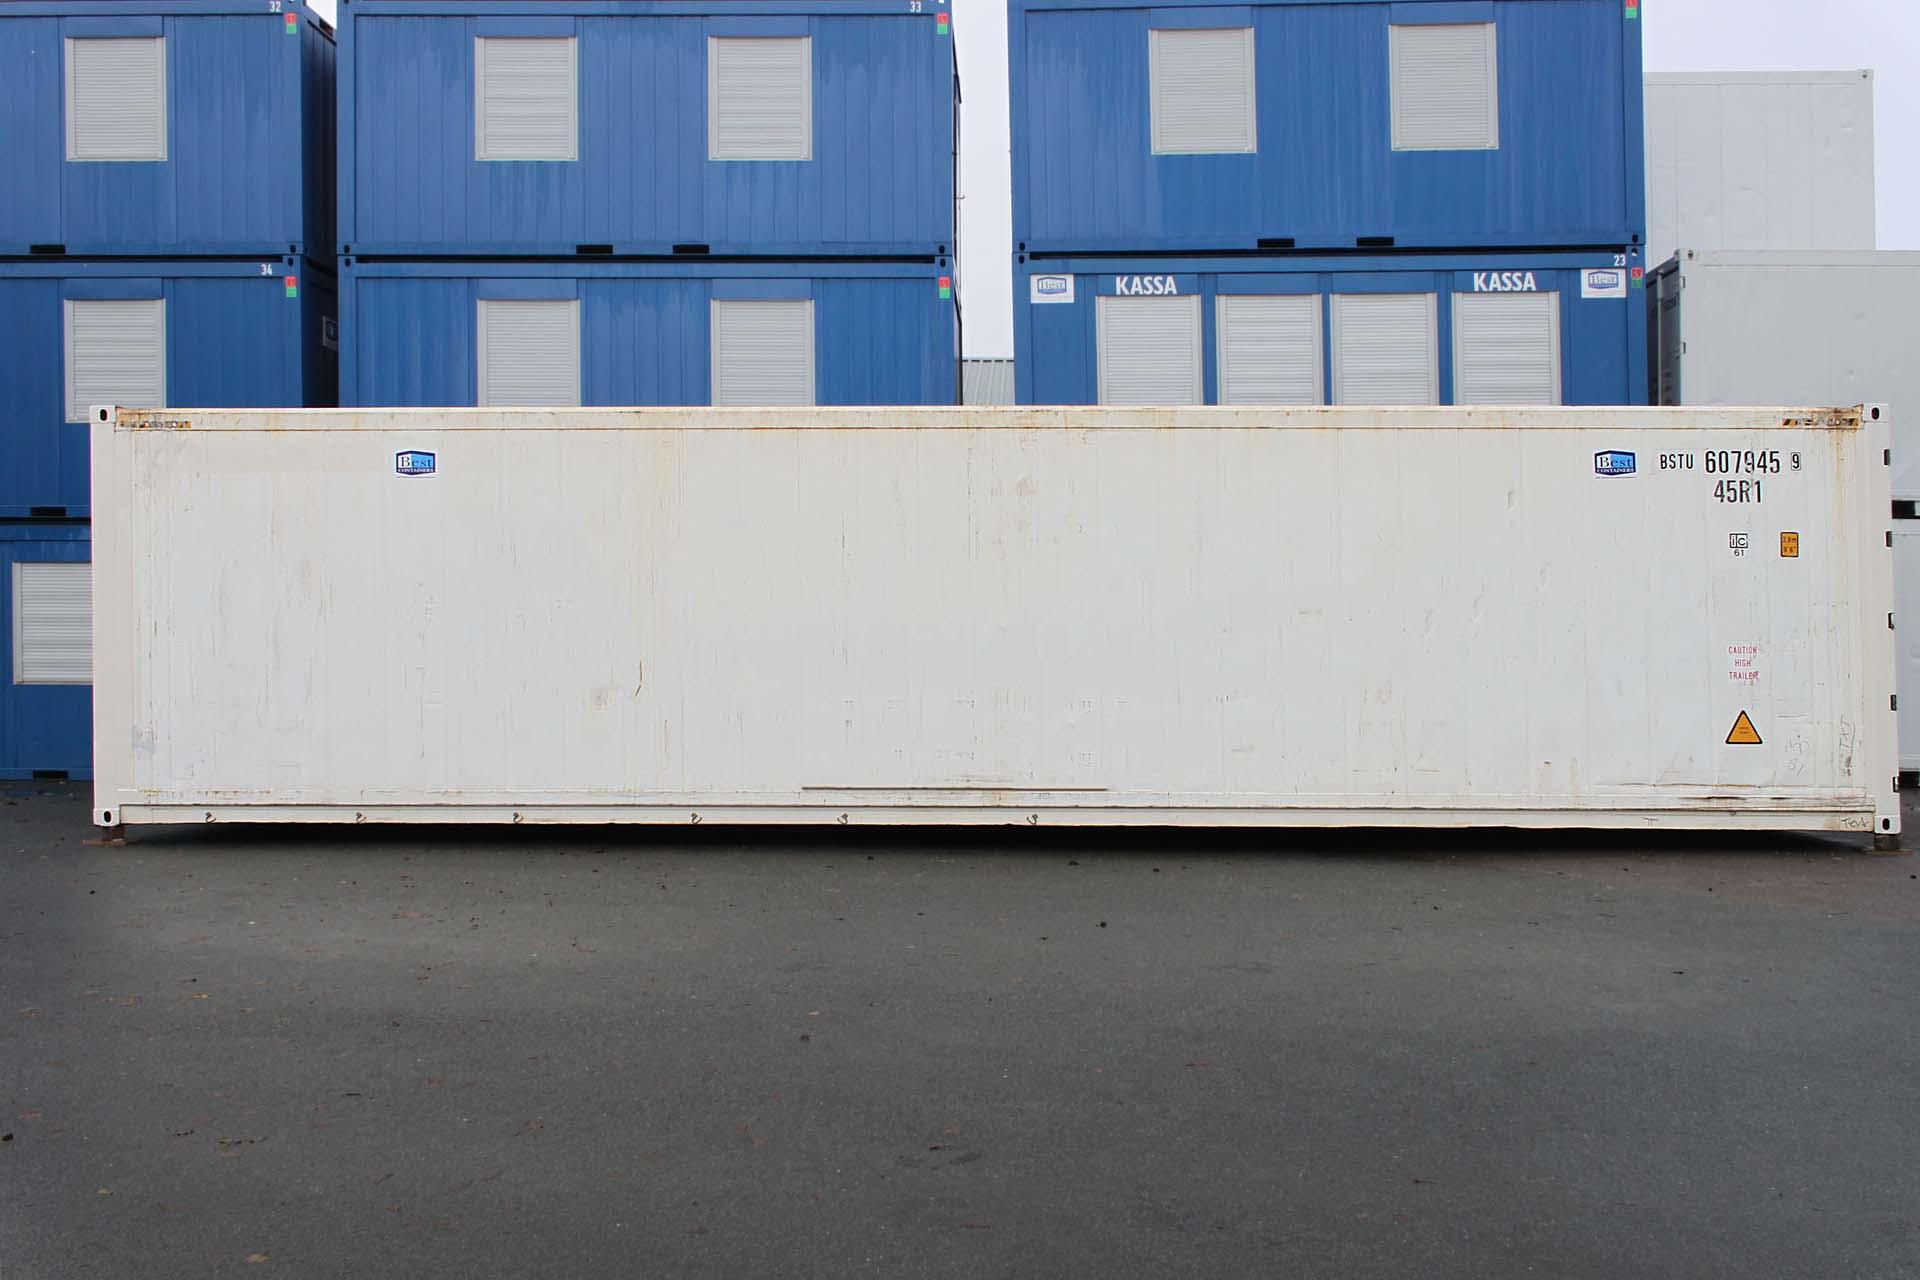 40 ft Koelcontainer zijkant